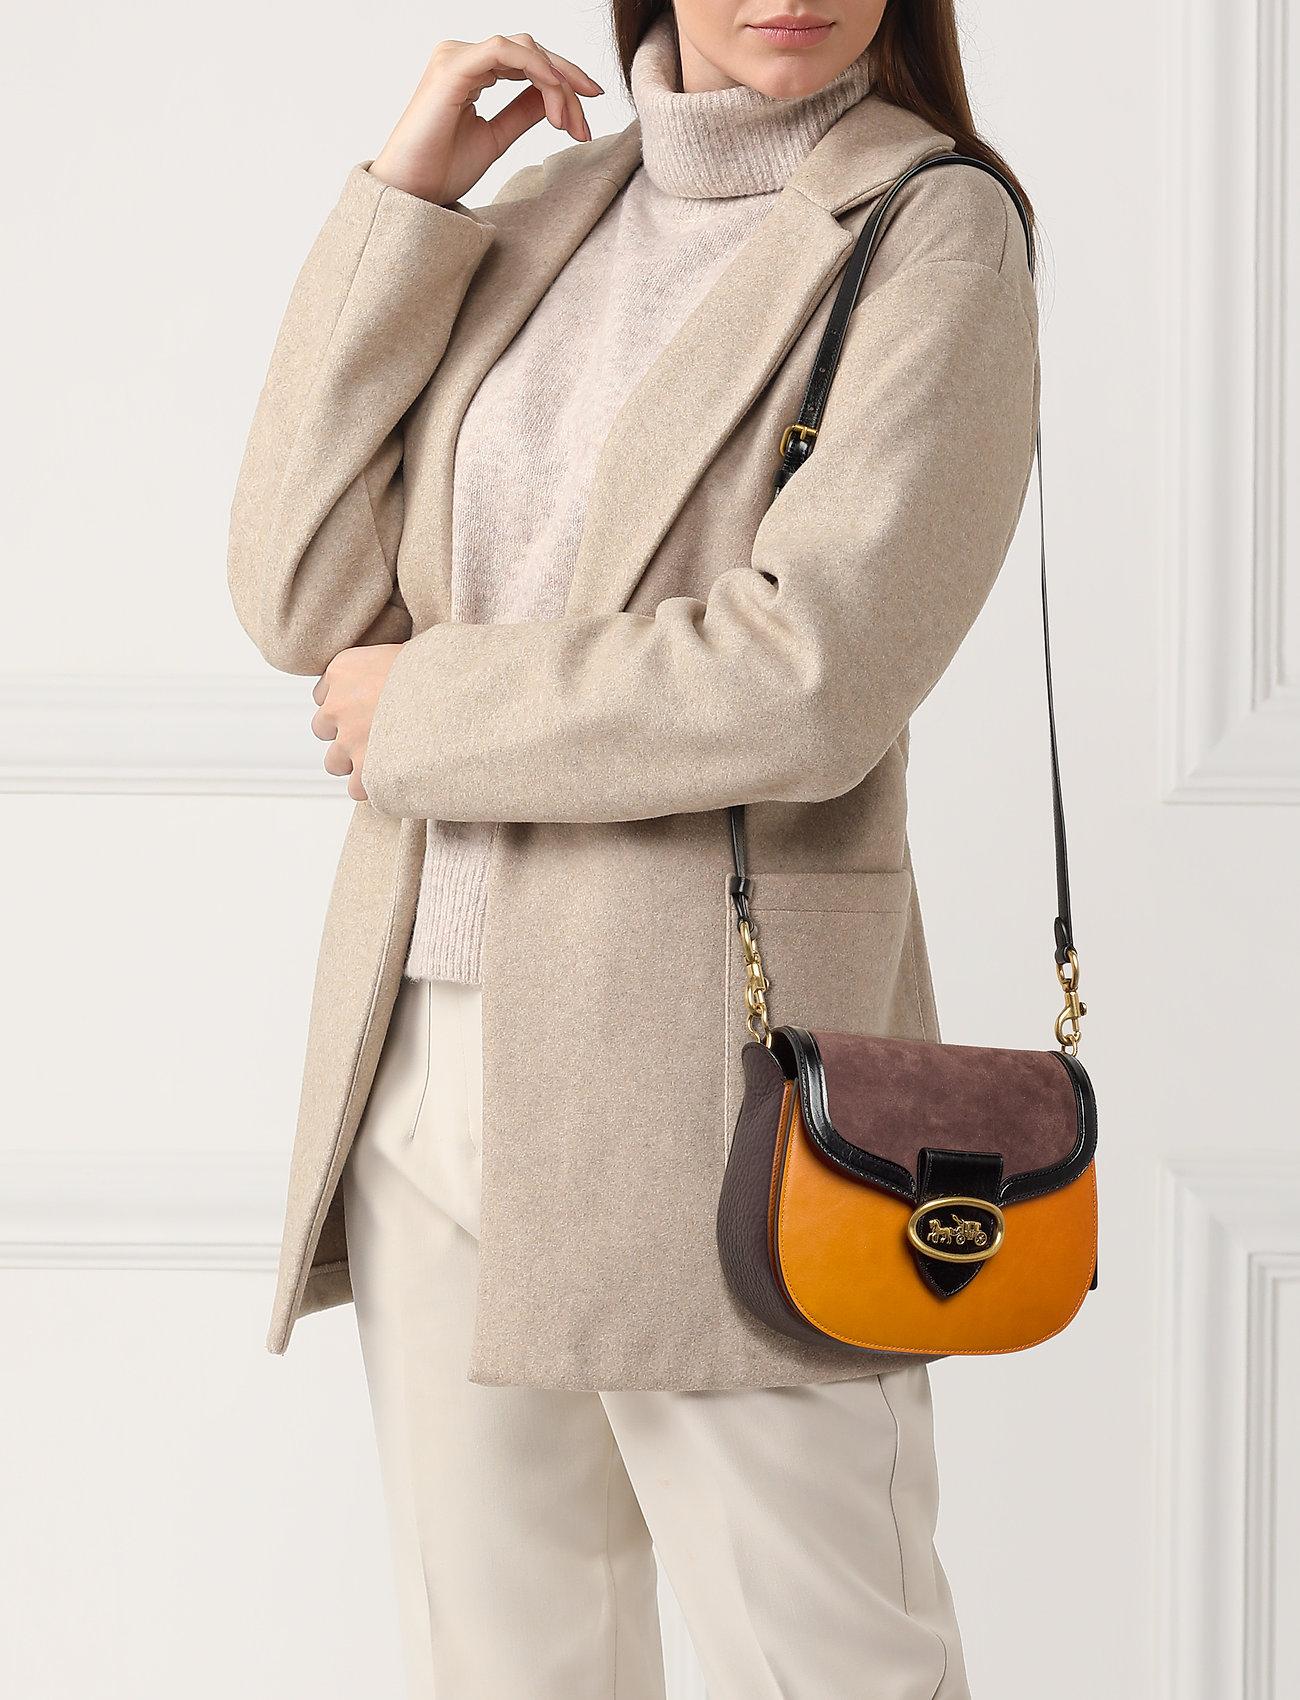 Coach Colorblock Mixed Leather Kat Saddle Bag 20 - B4PN6